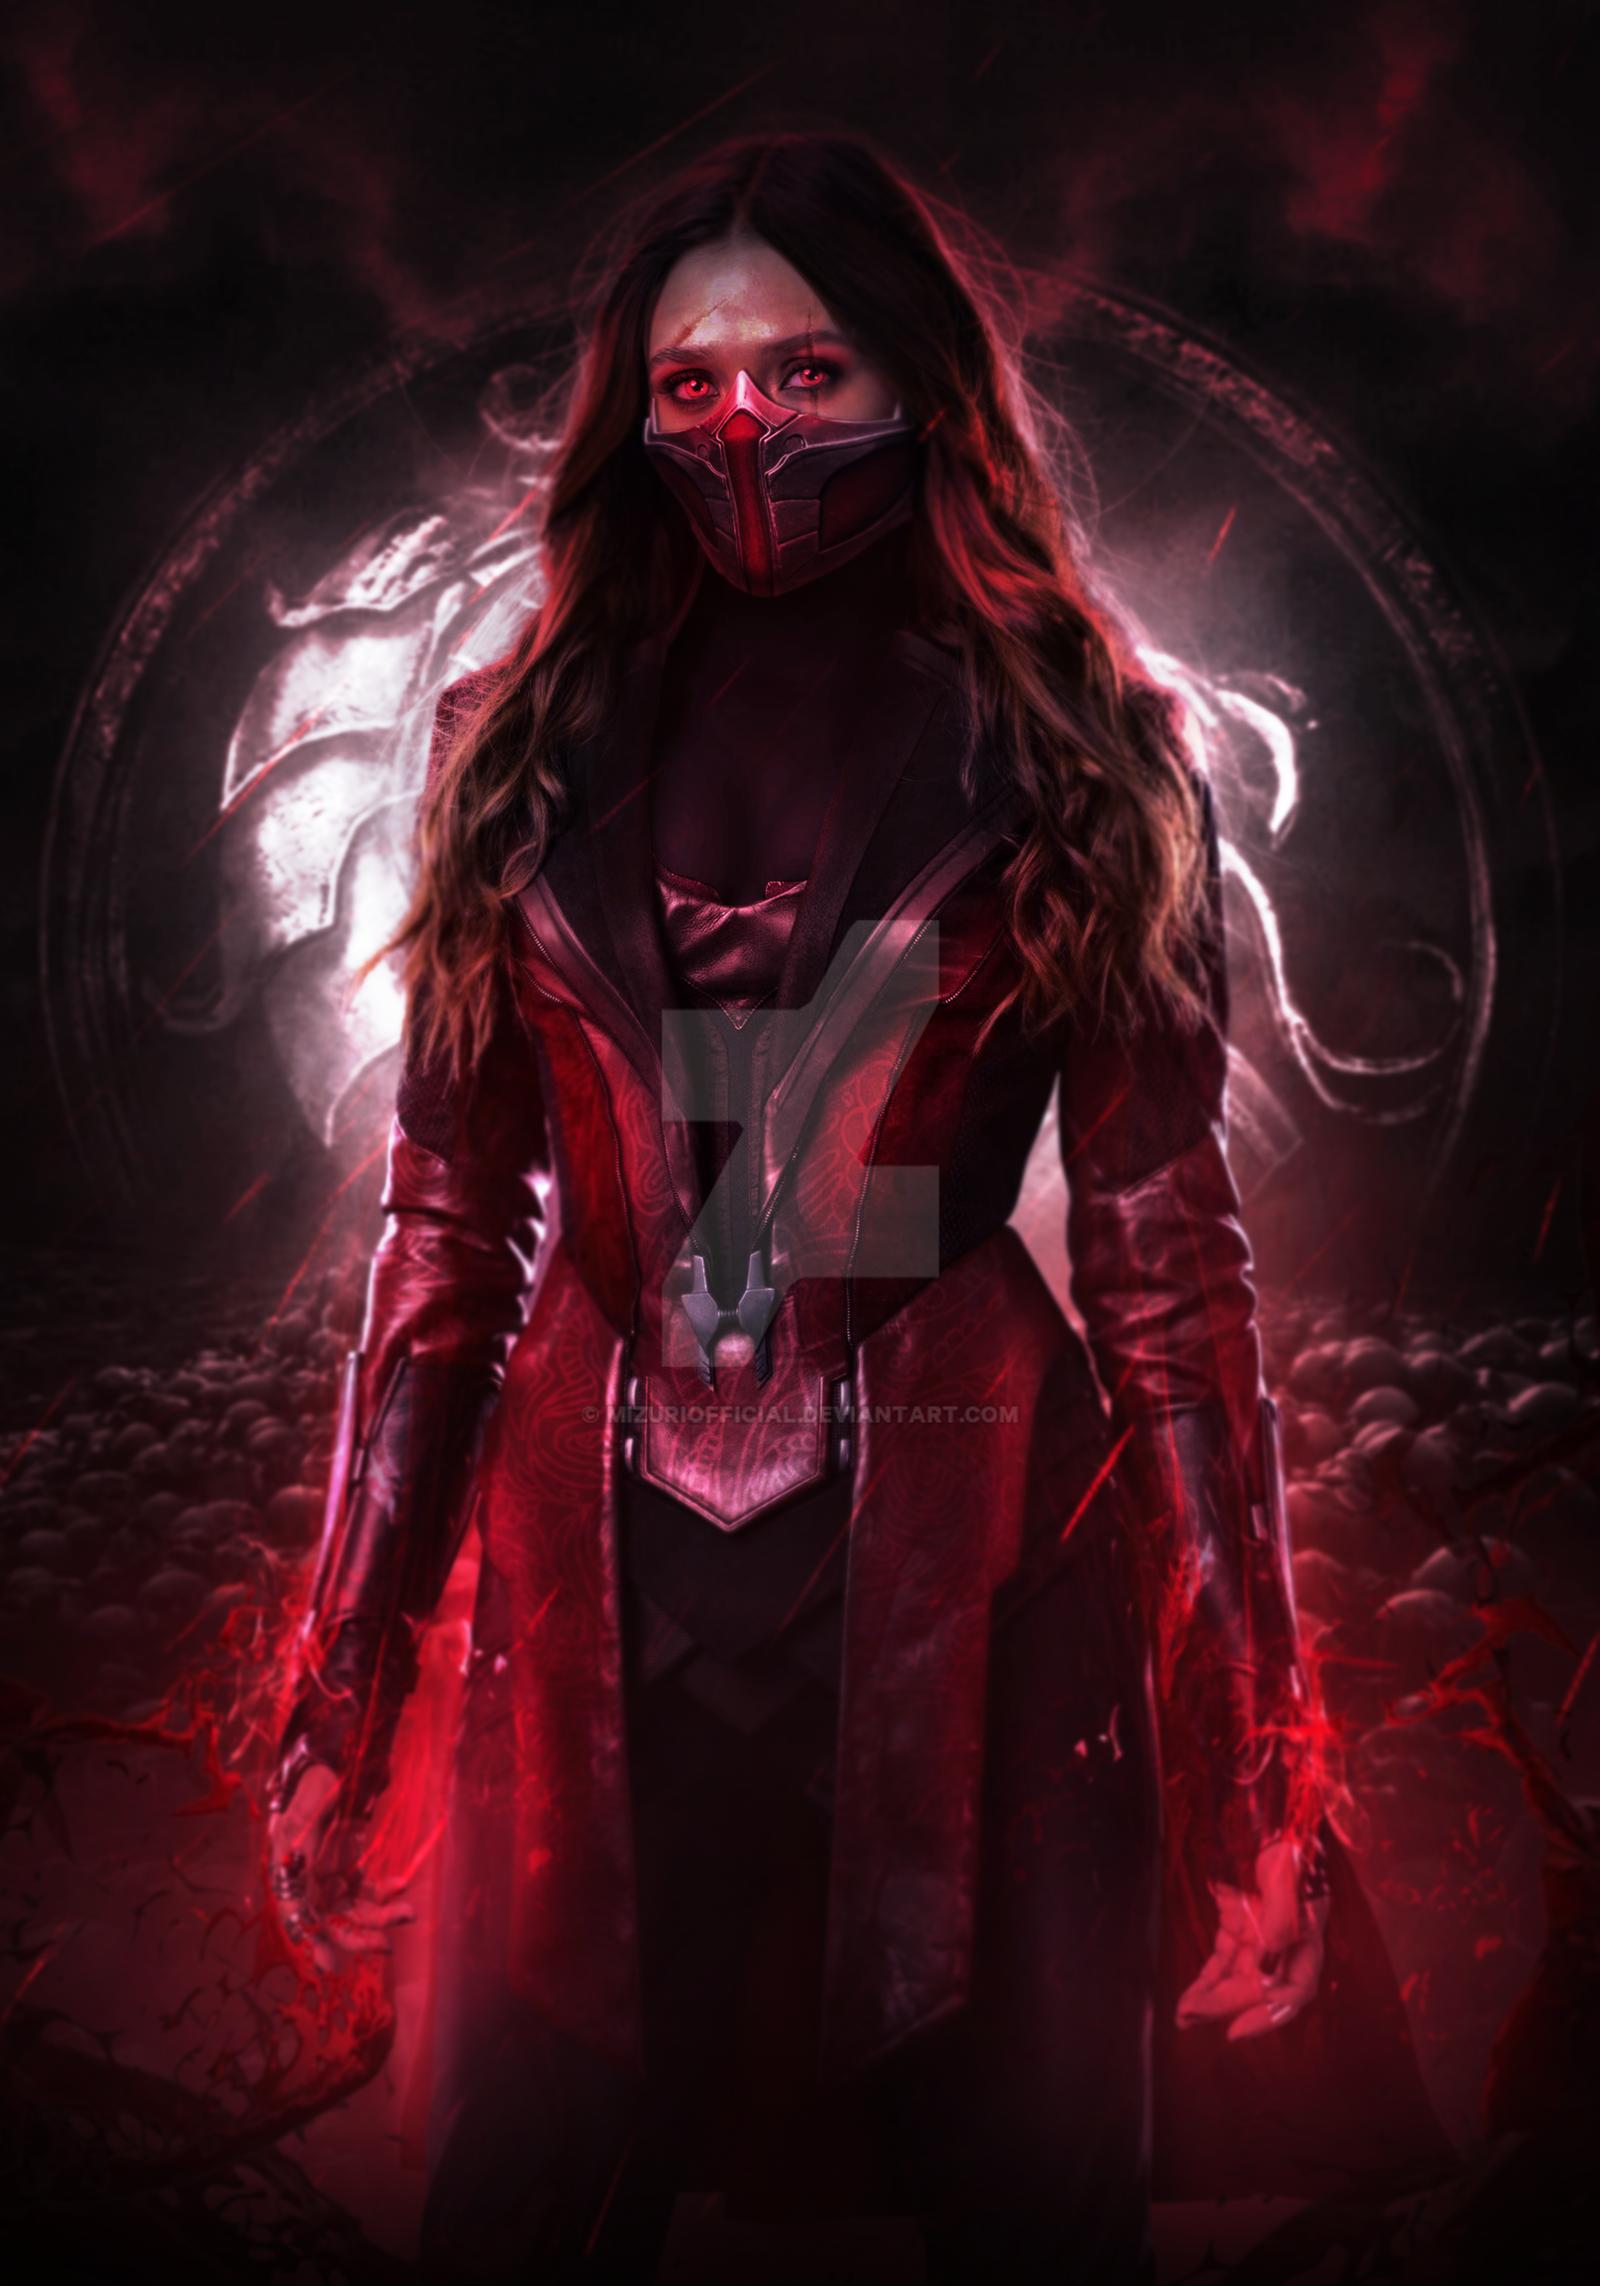 HD wallpaper: Skarlet, Mortal Kombat, mk11 | Wallpaper Flare